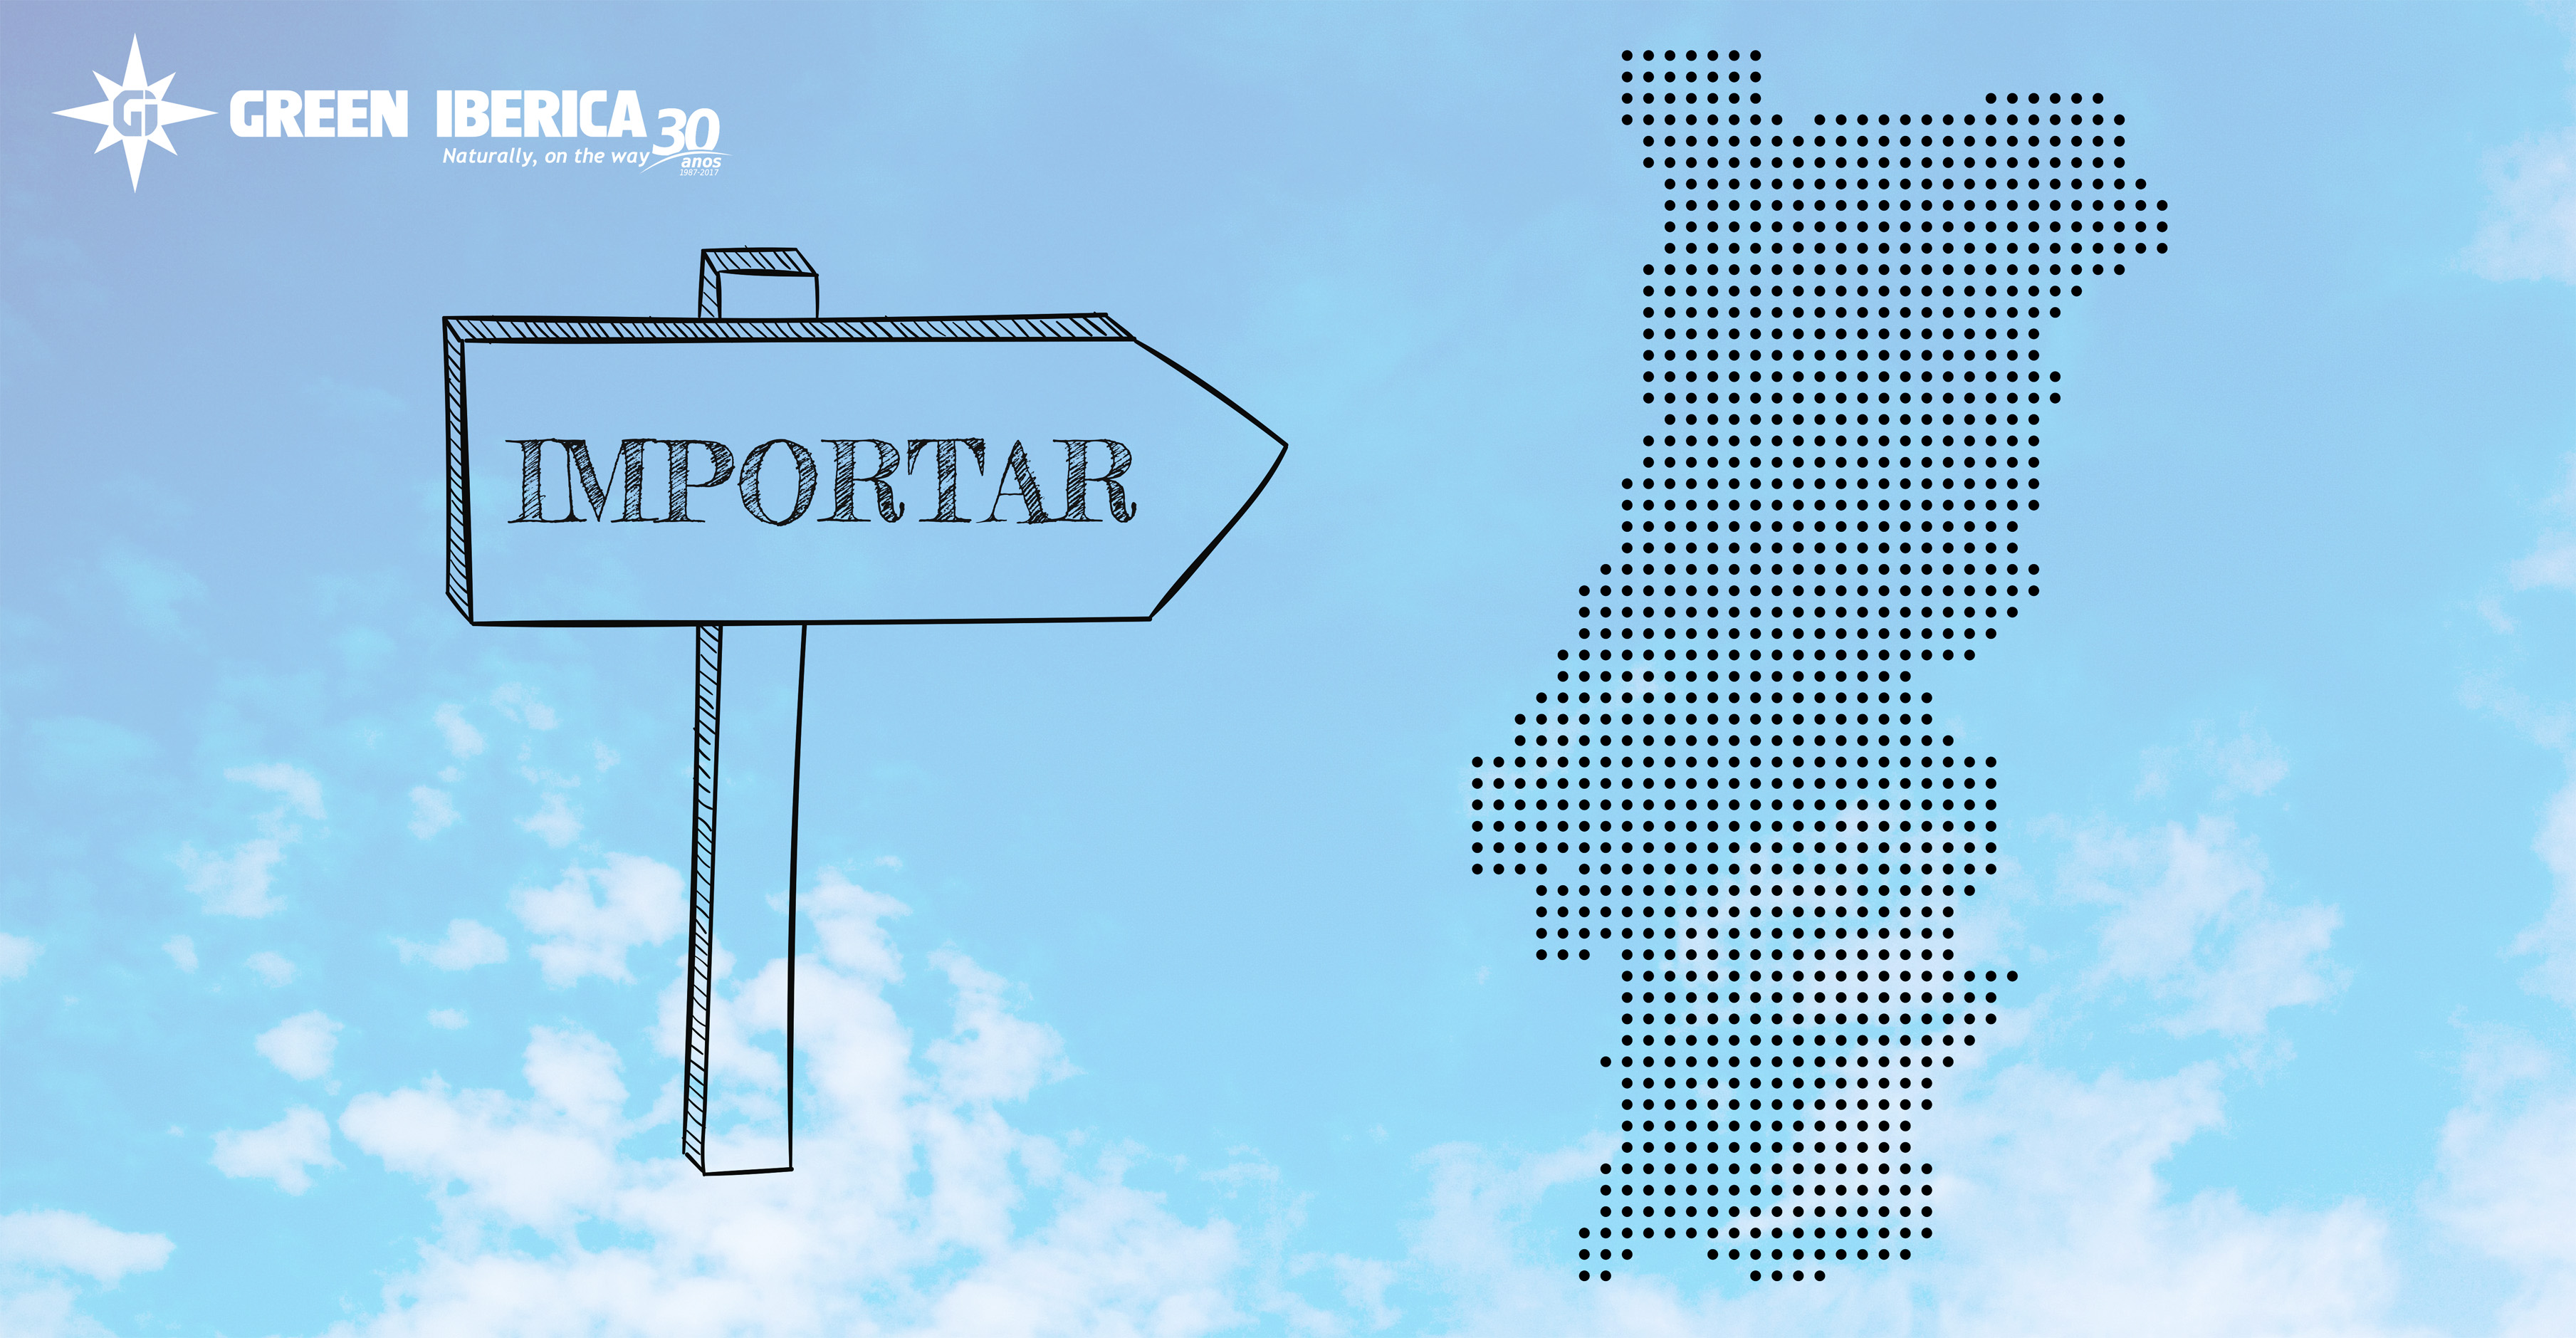 Importações, Importar para Portugal